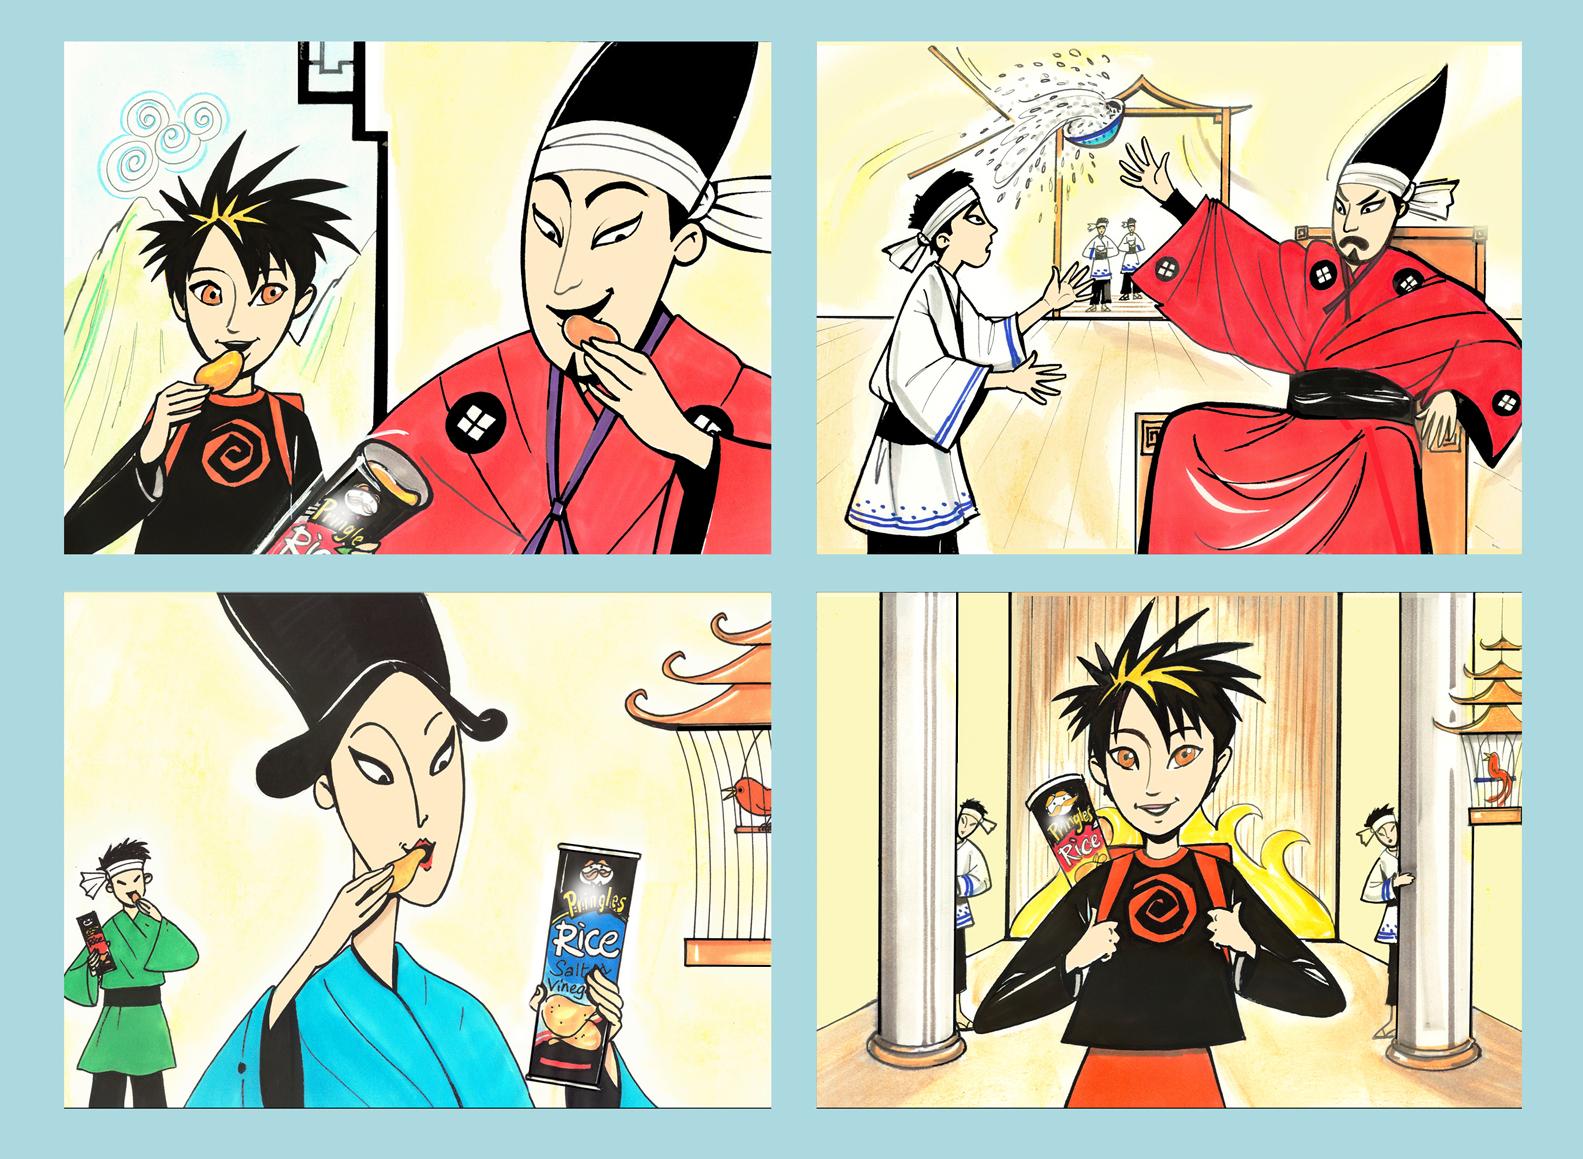 Manga style storyboard frames.